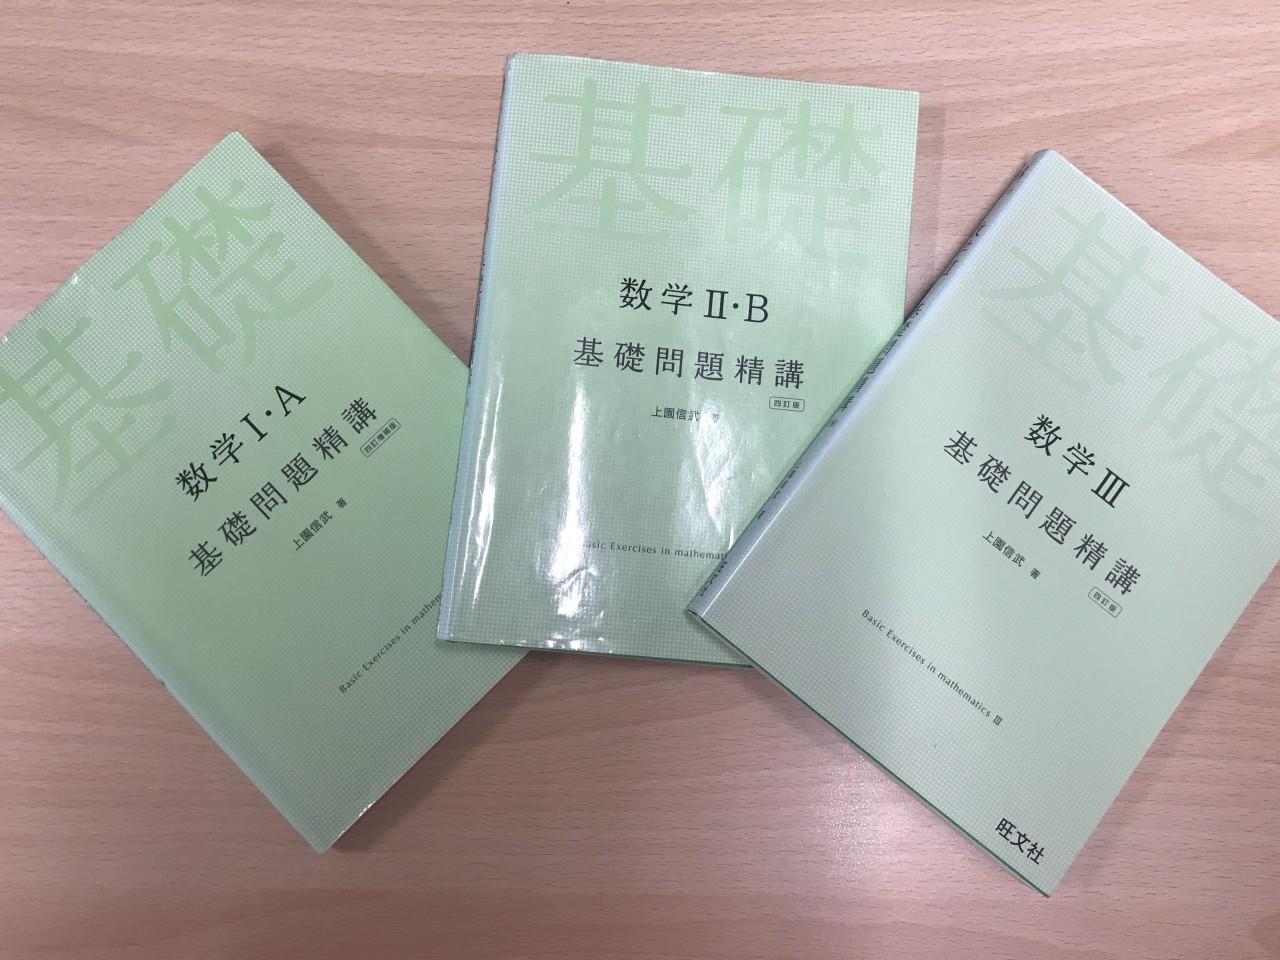 517EAEEE-F339-4B0A-921E-91A1237C4A79